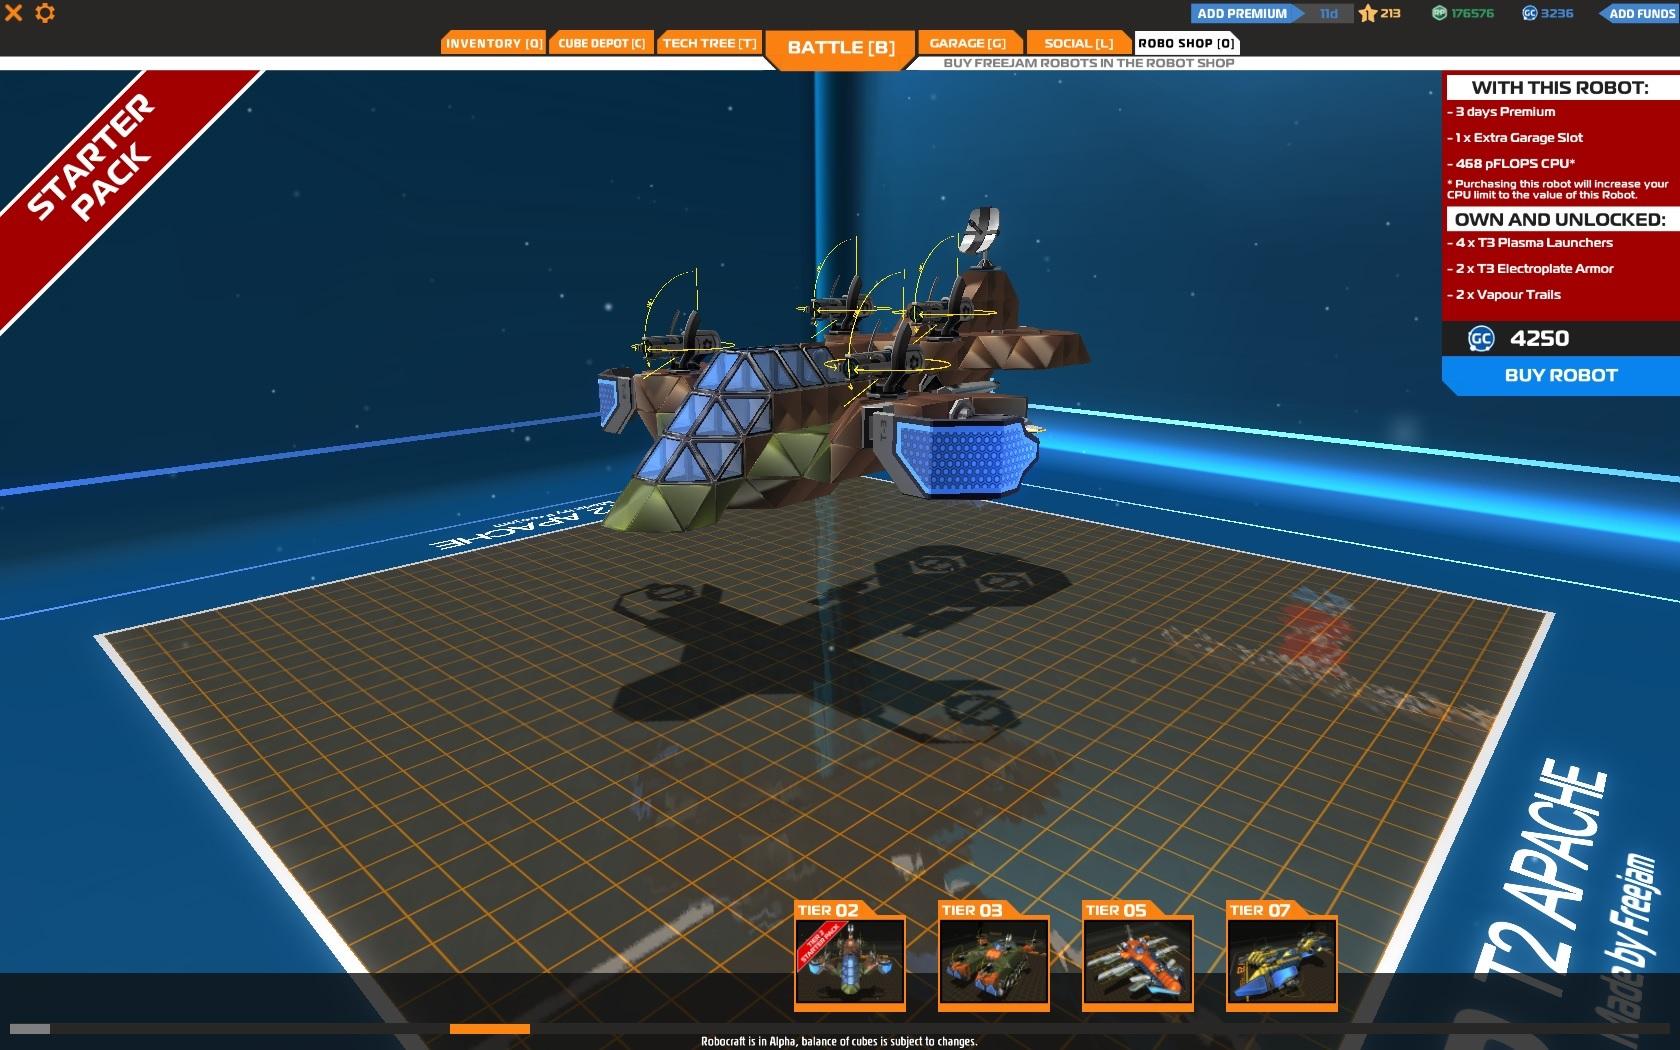 Steam Community :: Guide :: Roboshop Robot's - How to ...